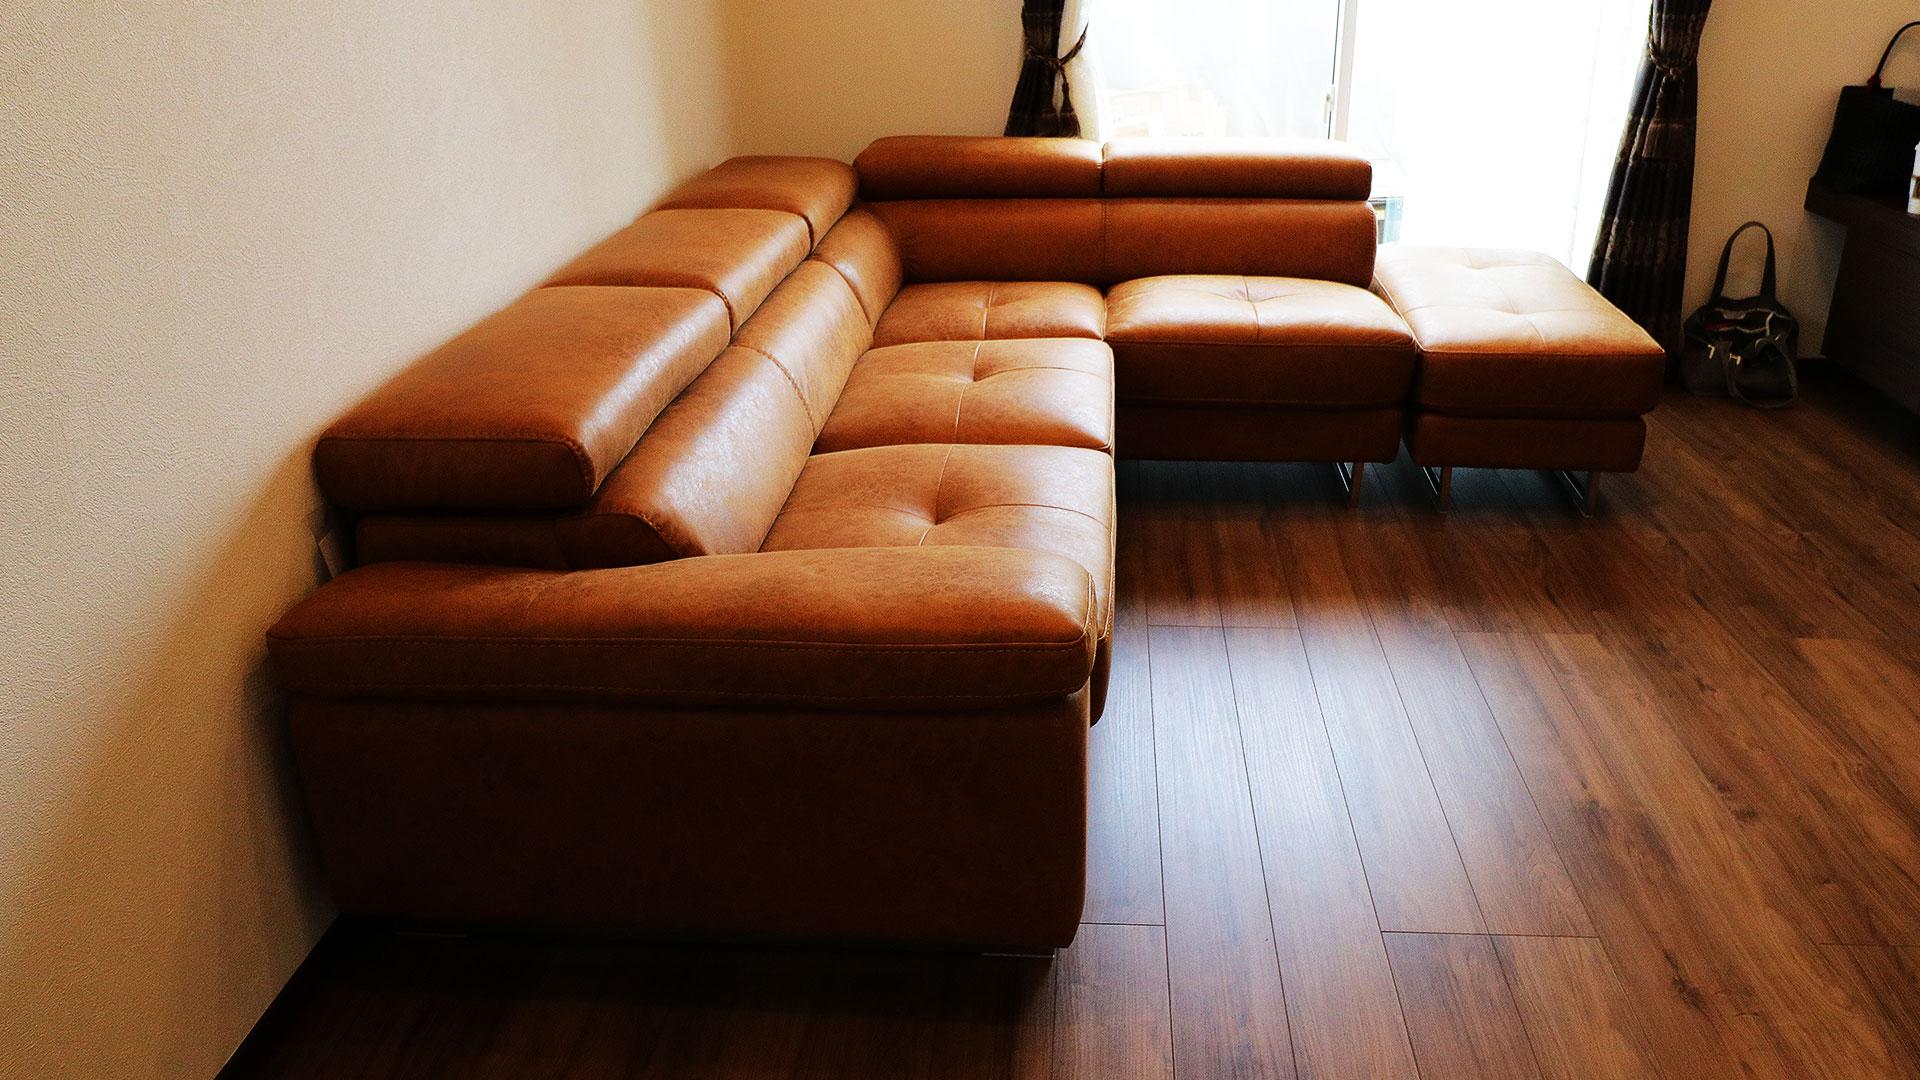 関家具のレザーテックスのコーナーソファロブストをお部屋に置いイメージ。写真は真横から撮りました。